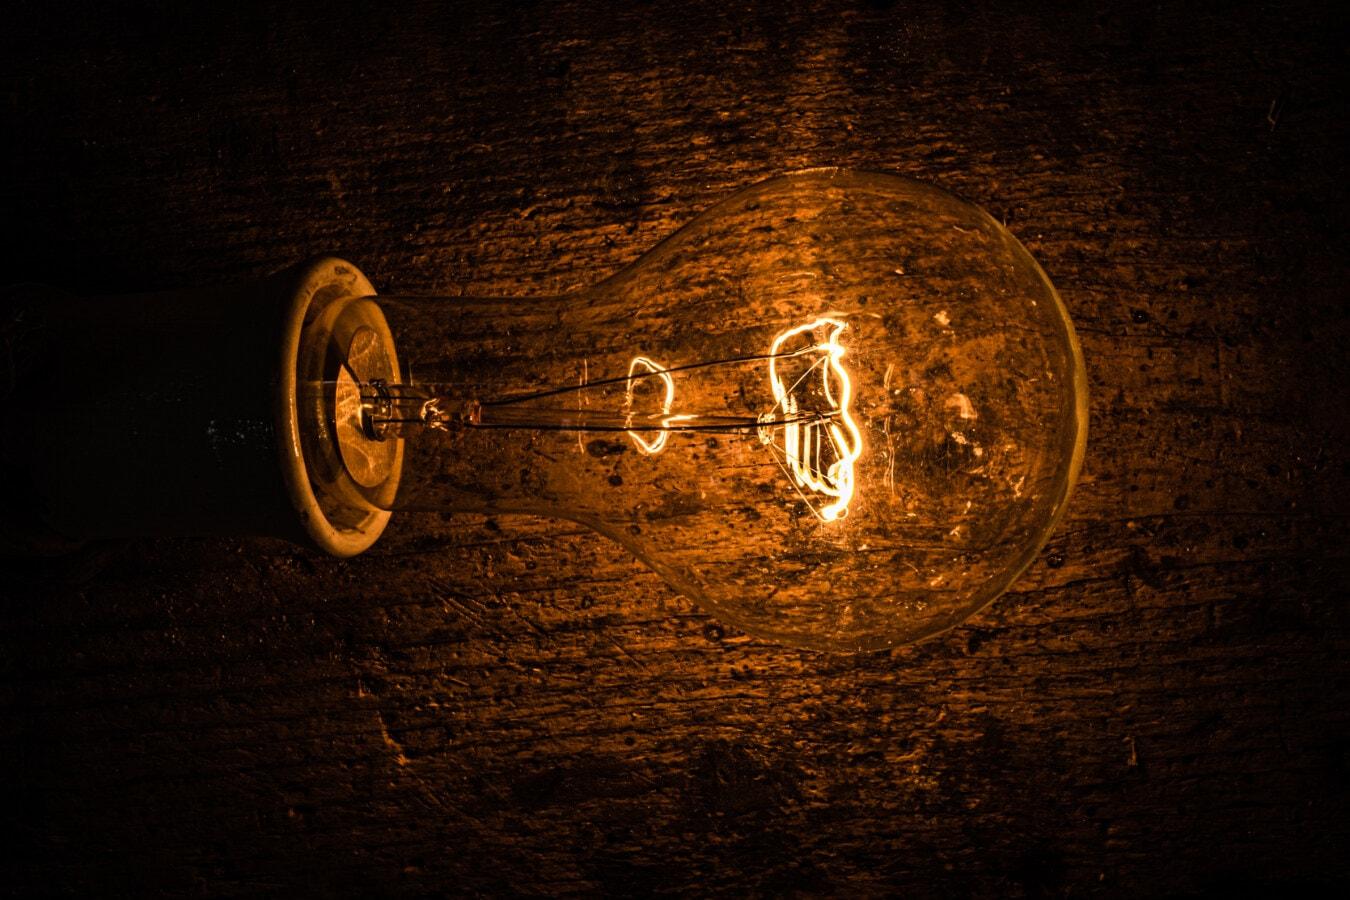 light bulb, illumination, filament, luminescence, darkness, vintage, light, lamp, dark, bulb